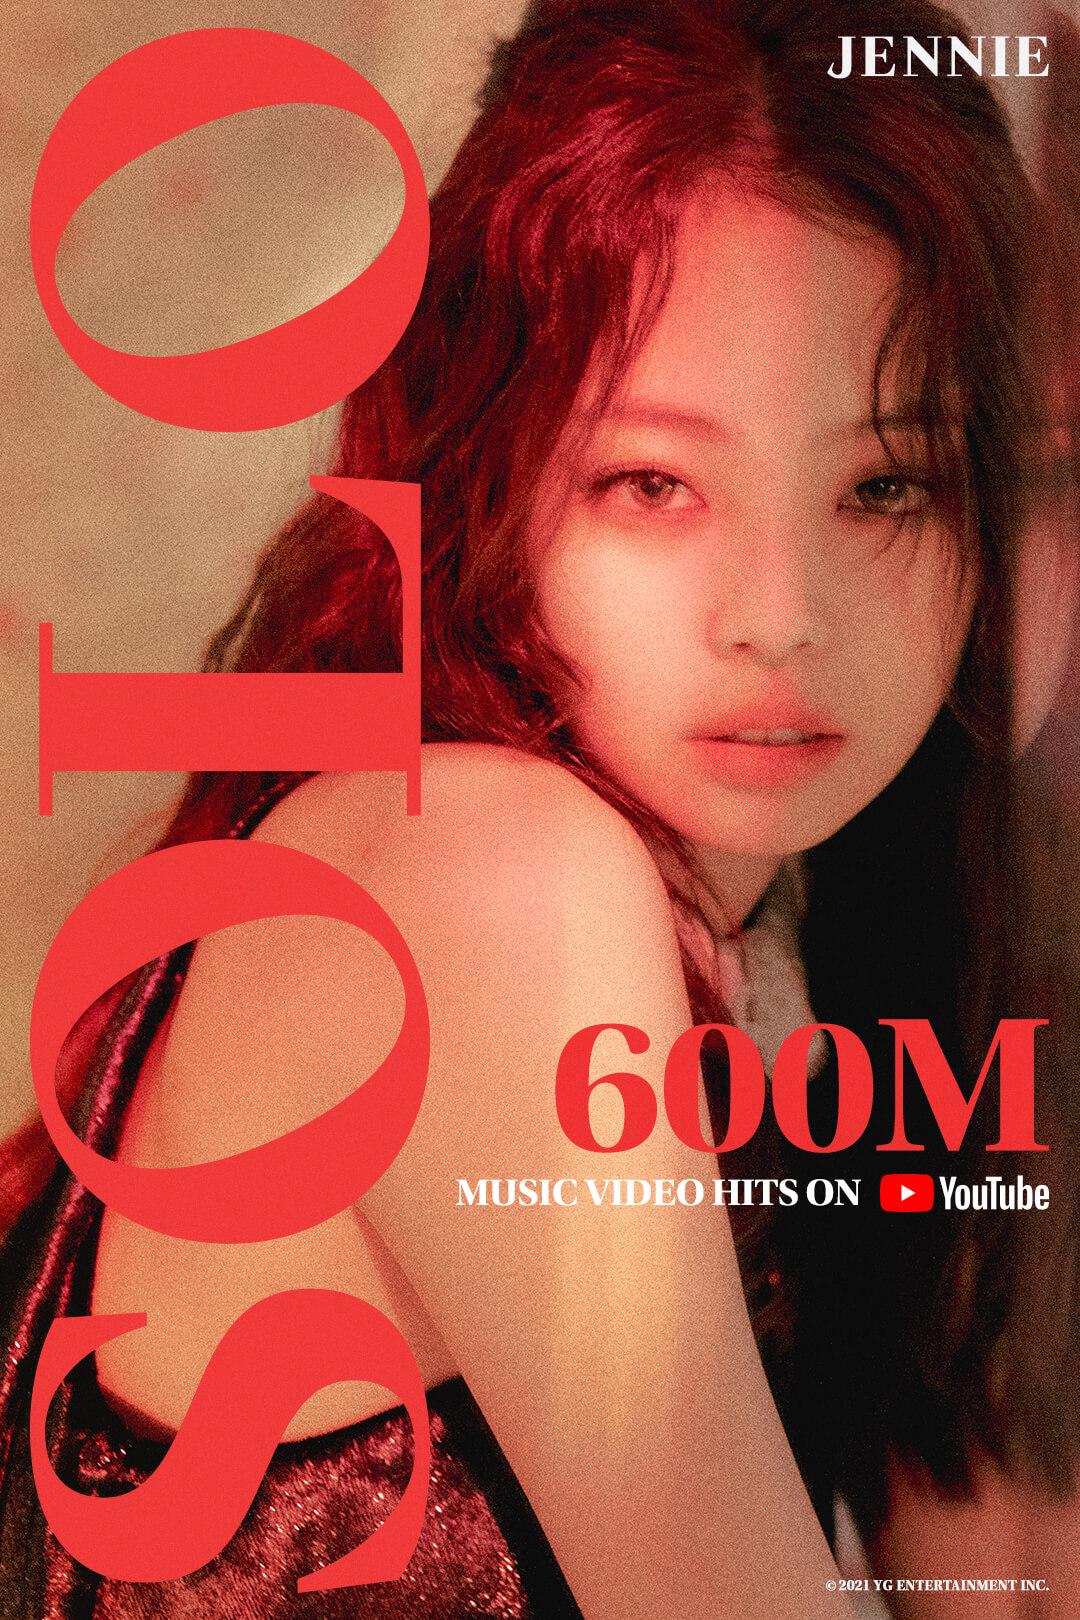 JENNIE – 'SOLO' M/V HITS 600 MILLION VIEWS